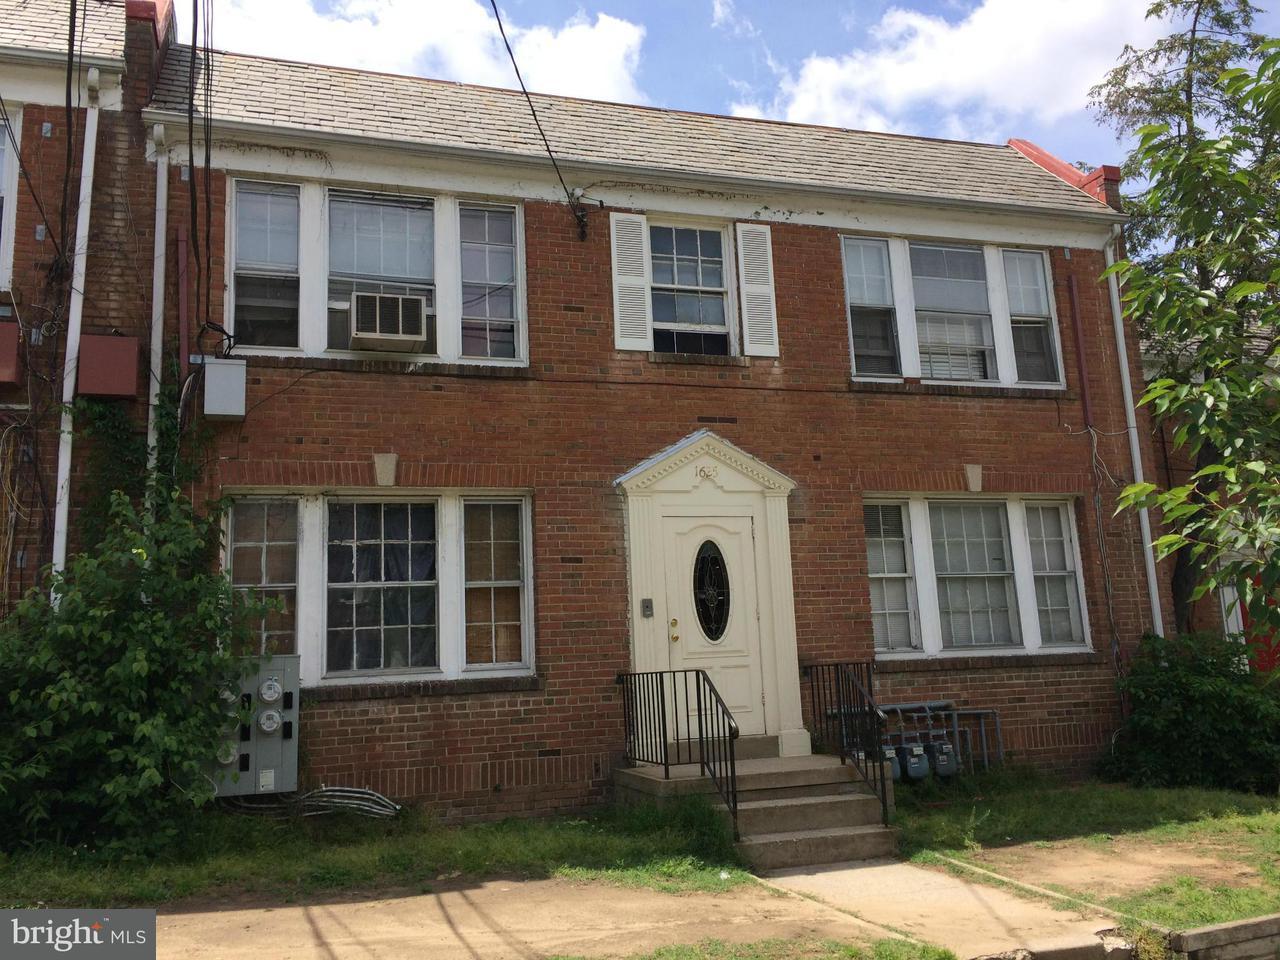 多户住宅 为 销售 在 1625 17TH PL SE 1625 17TH PL SE 华盛顿市, 哥伦比亚特区 20020 美国